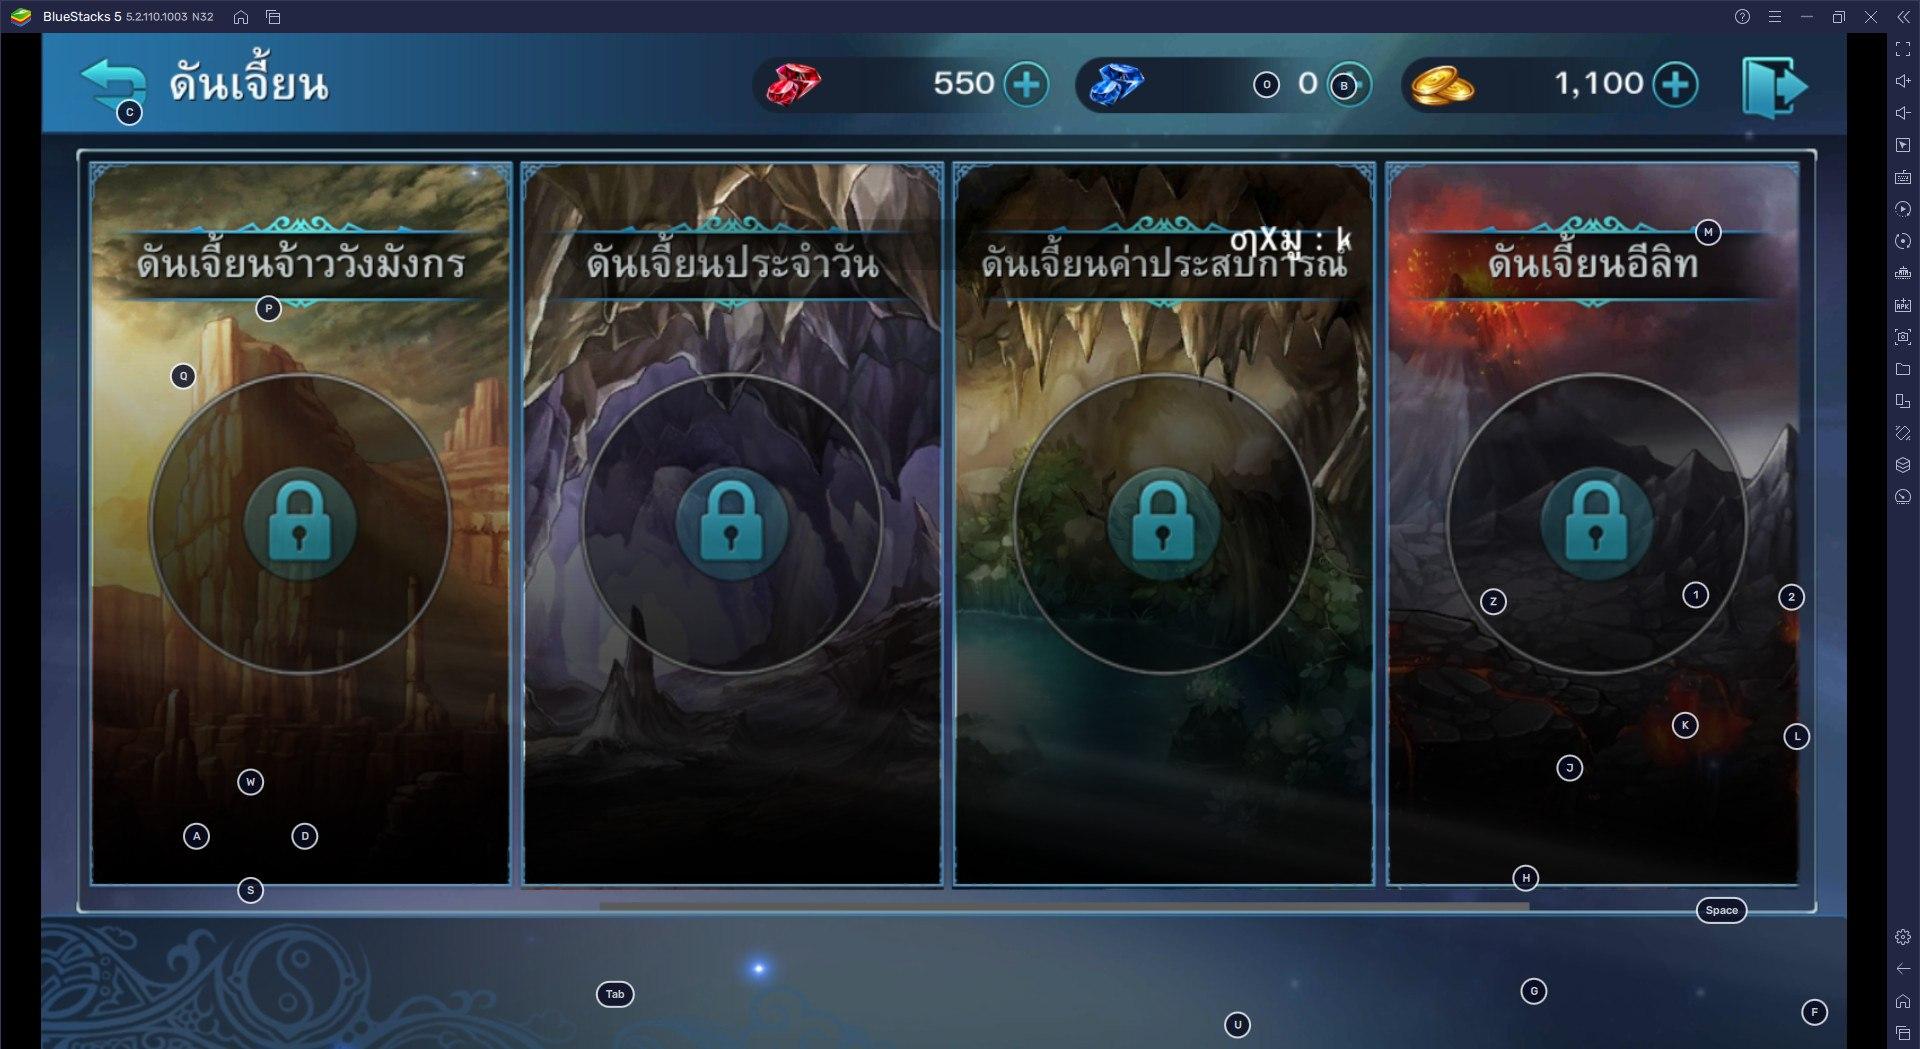 \แนะนำการเพิ่ม EXP ให้เร็วและเก็บของรางวัลประจำวัน ในเกม Real Yulgang Mobile